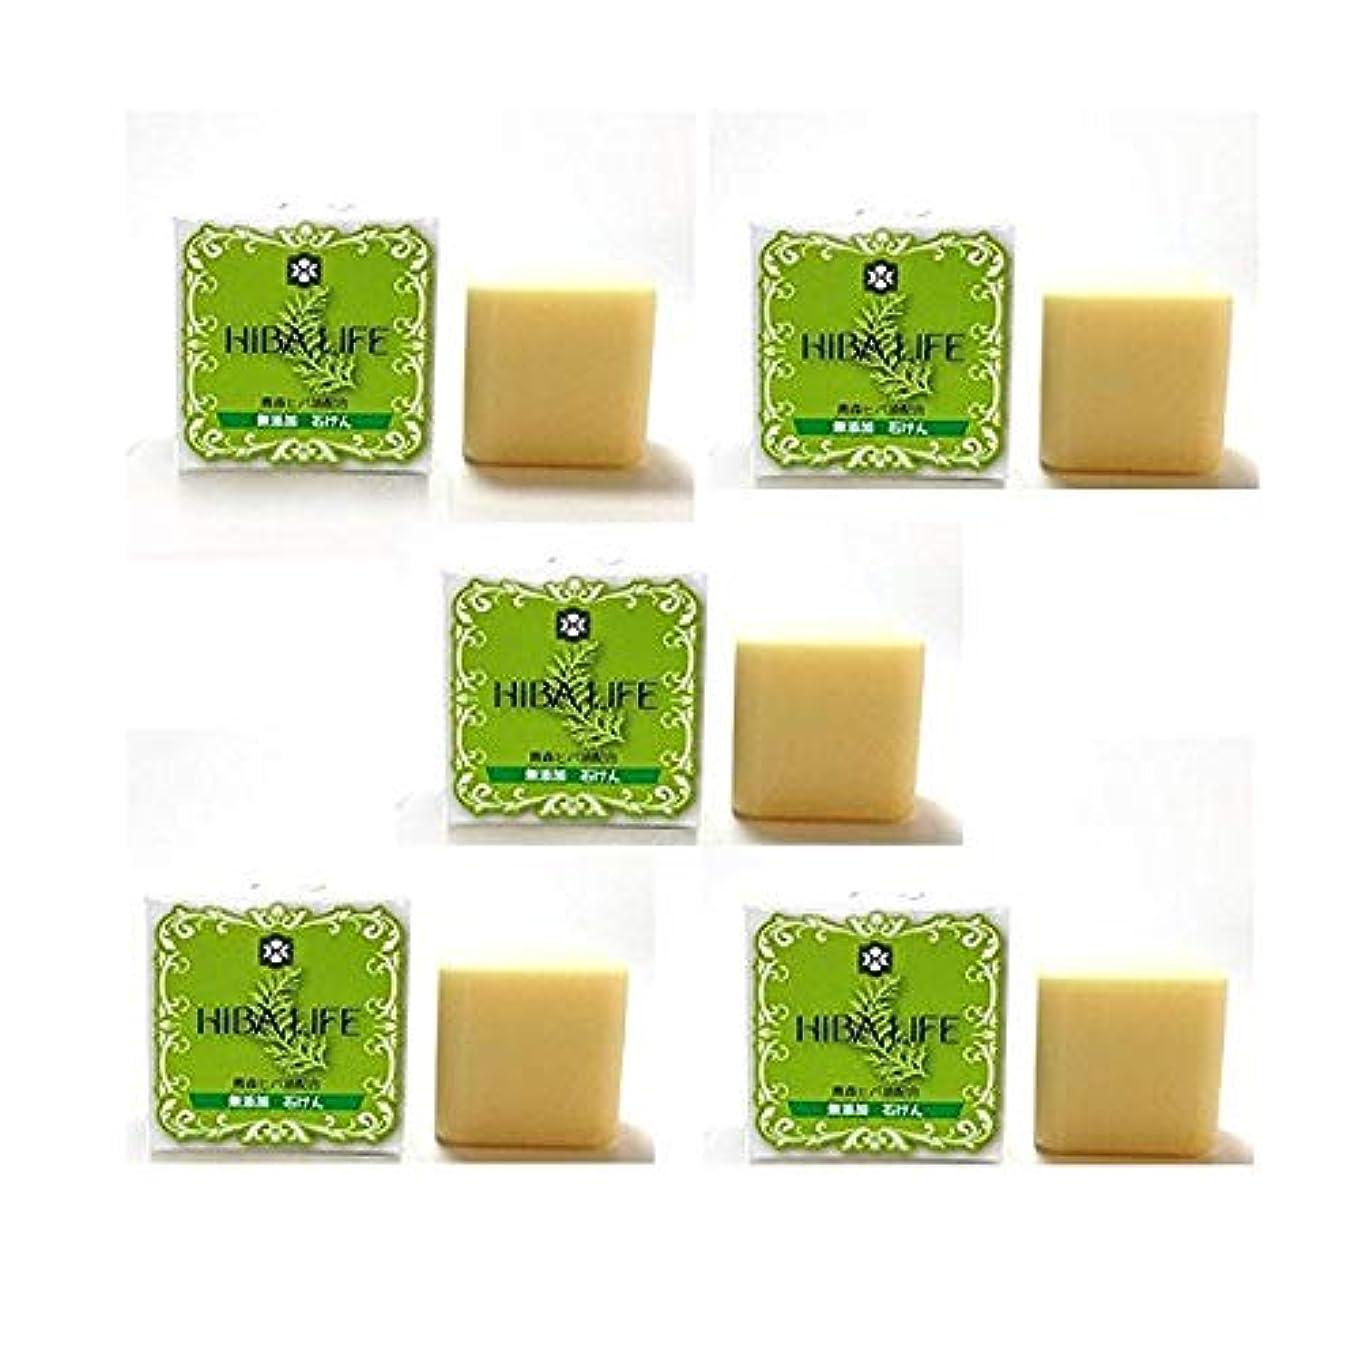 反対にロードされたアリーナヒバ石鹸 ひばの森化粧石鹸5個セット(100g×5個) 青森ヒバ精油配合の無添加ひば石鹸